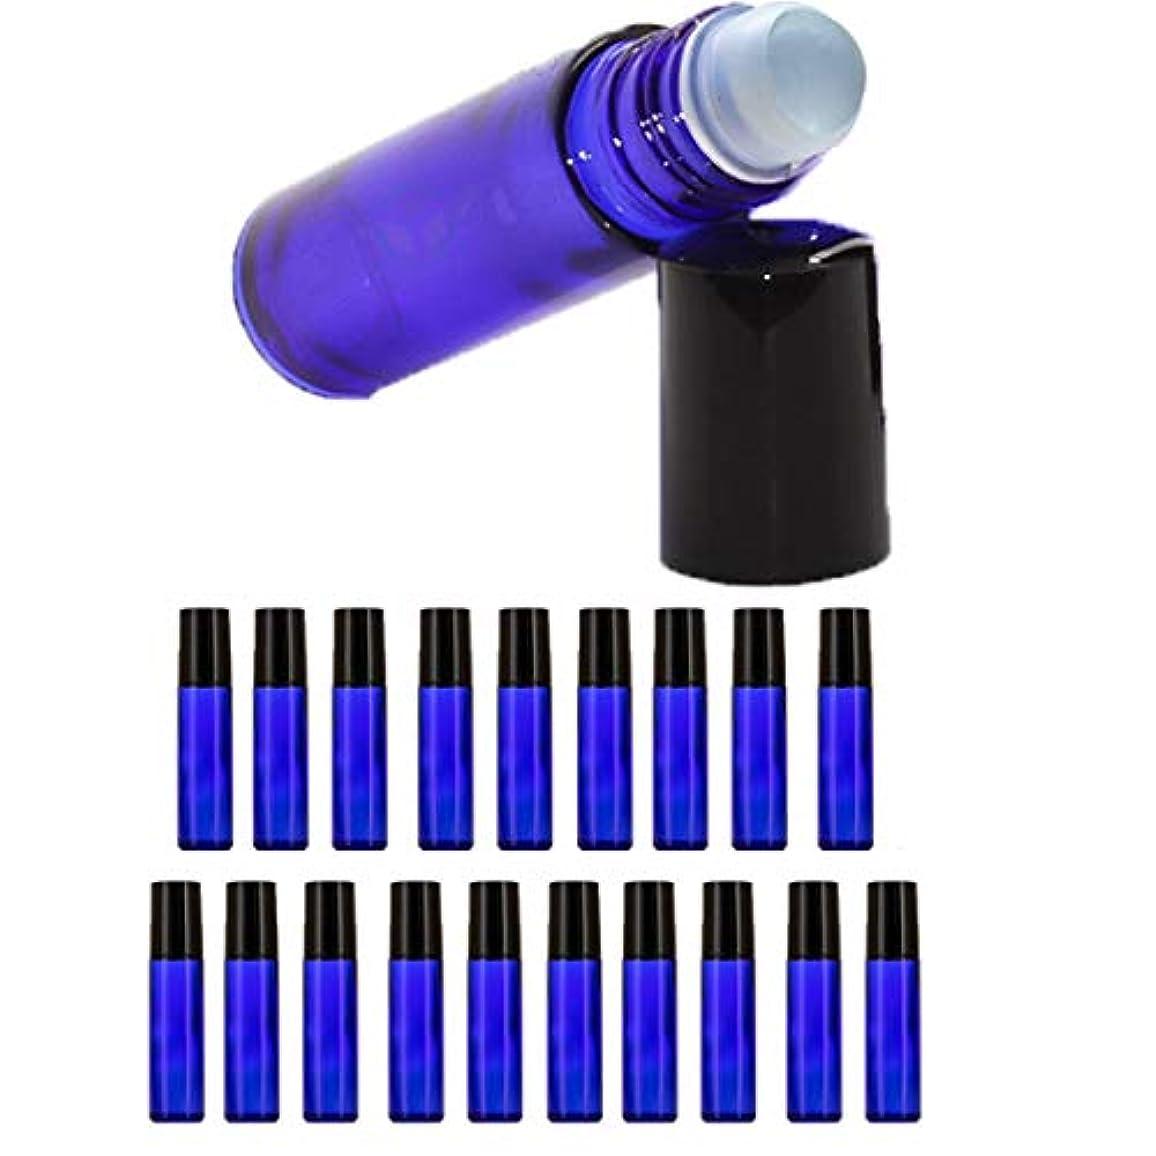 高尚なダンプのれん【Nanmara】ロールオンボトル 10ml 20個セット 遮光瓶 小分け ガラスボトル 詰め替え 容器 エッセンシャルオイル 遮光ビン 青色 ブルー (20個セット)